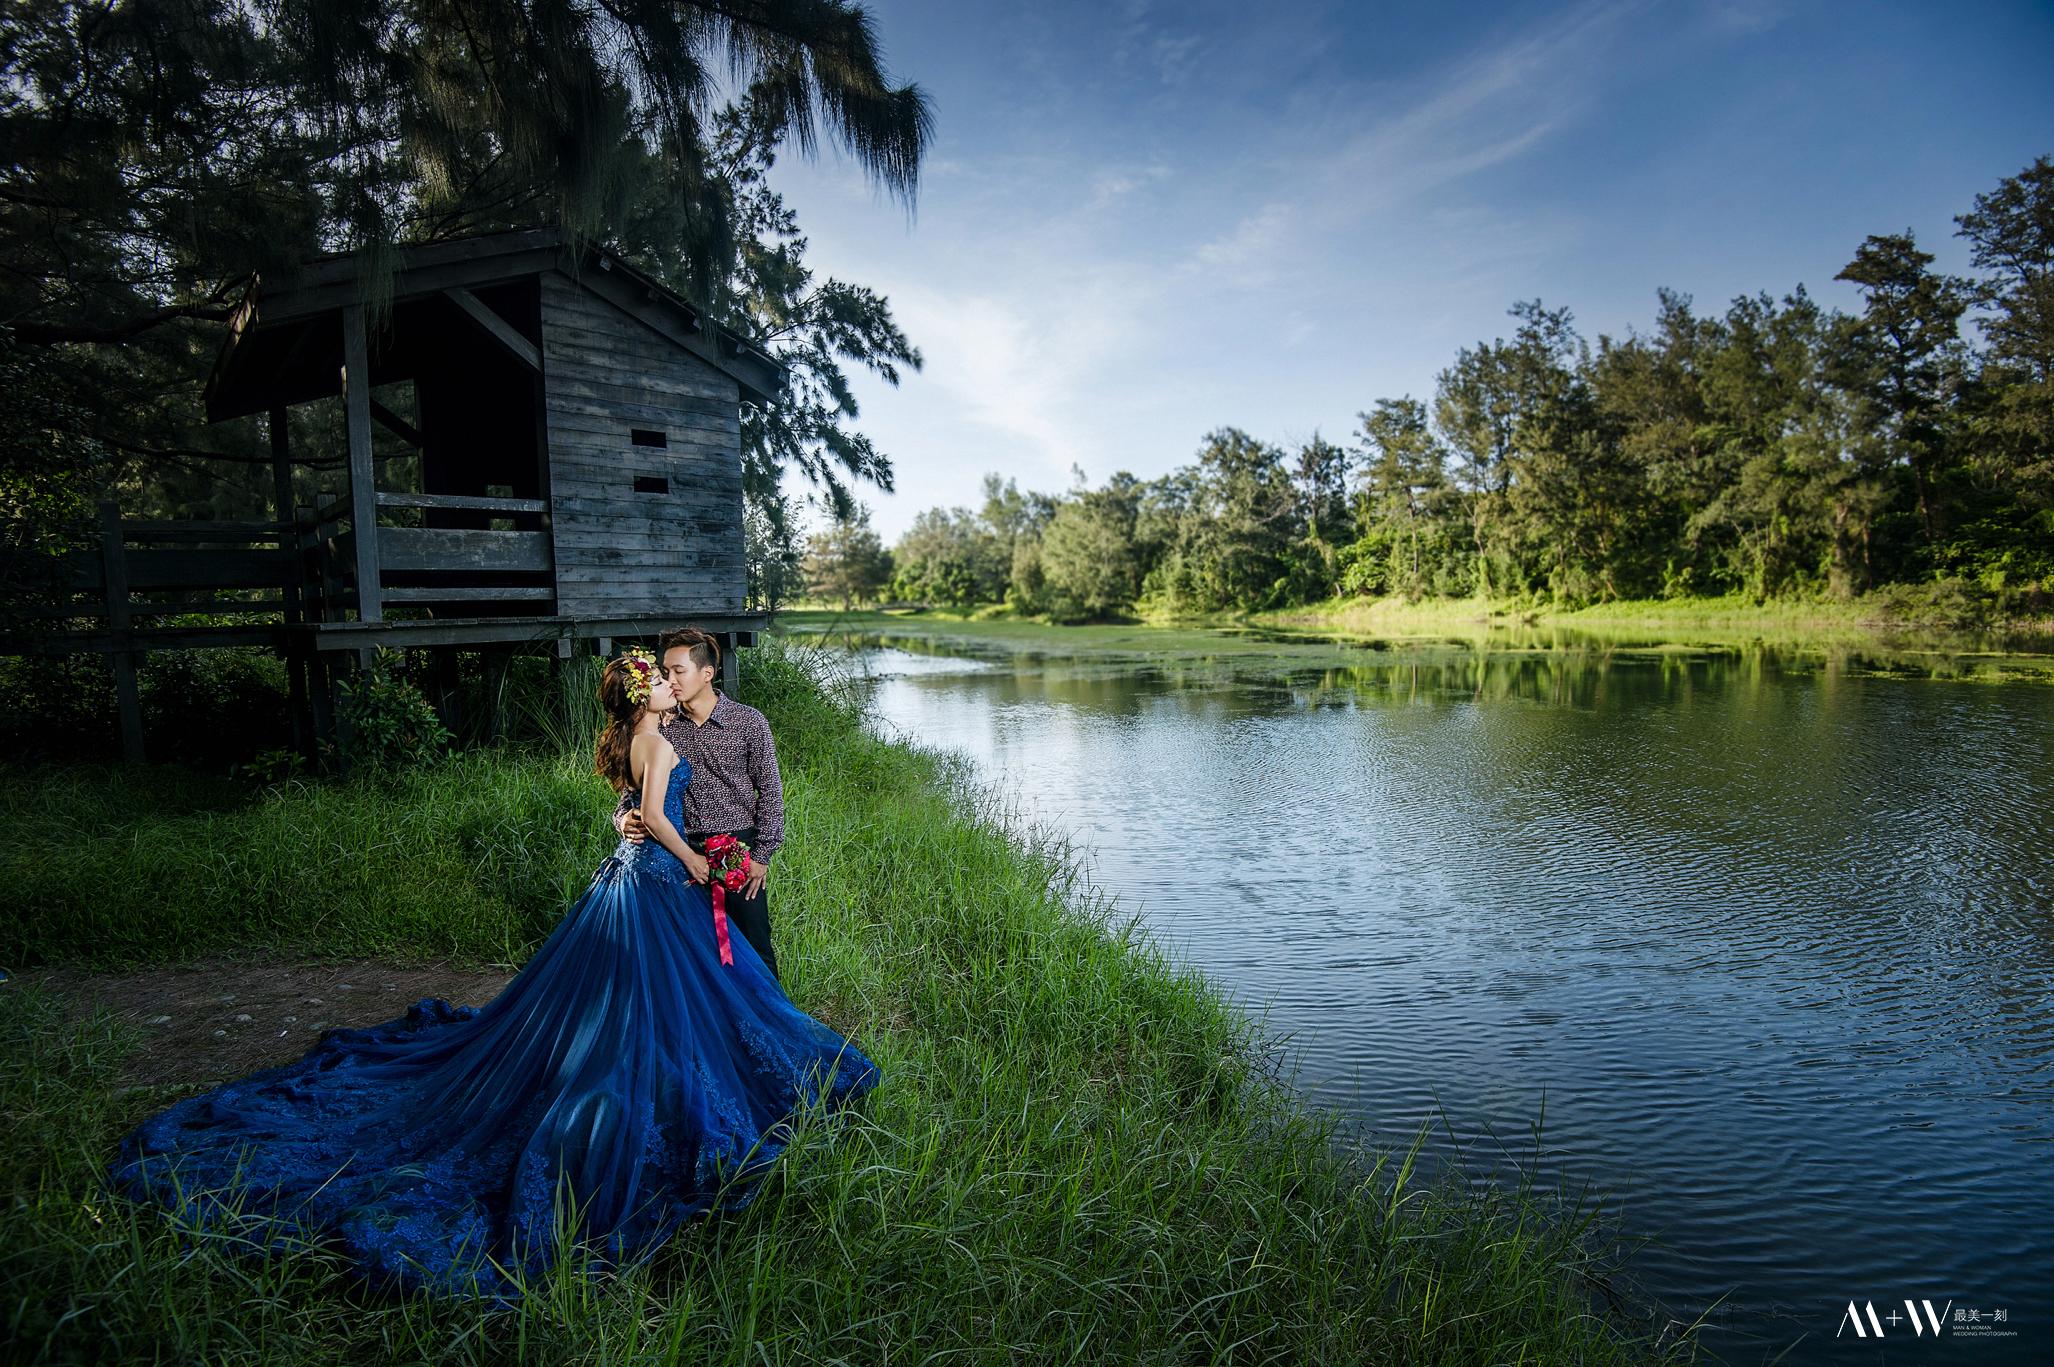 自主婚紗, 自助婚紗, 台東拍婚紗, 台東熱氣球, 拍婚紗, 內湖婚紗